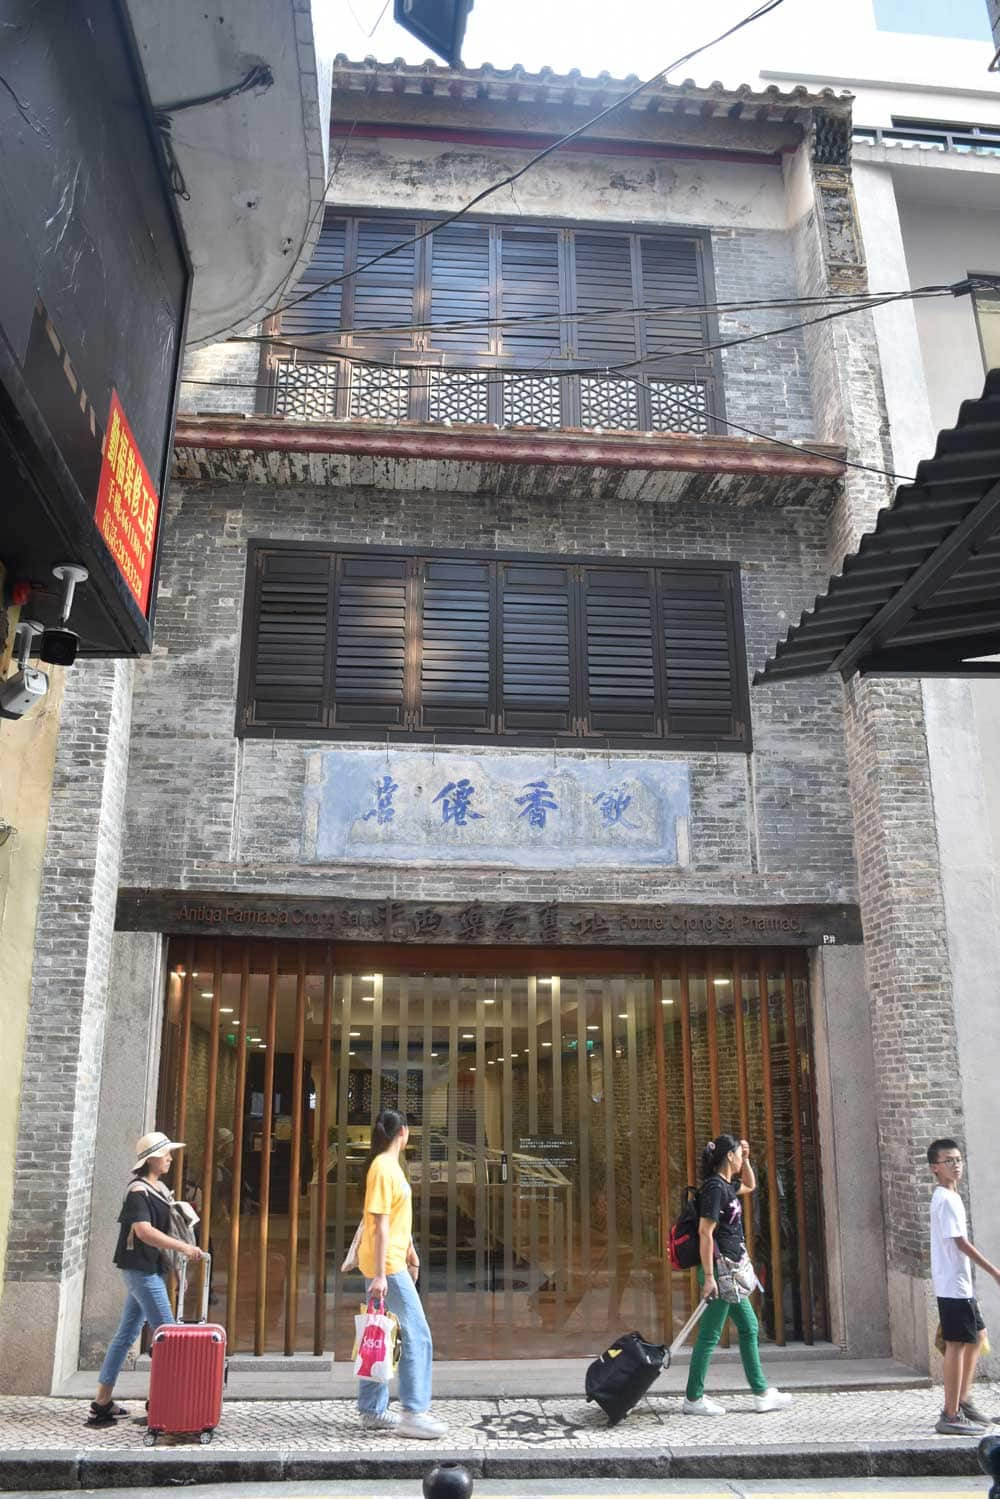 Macau Museum Guide: Former Chong Sai Pharmacy